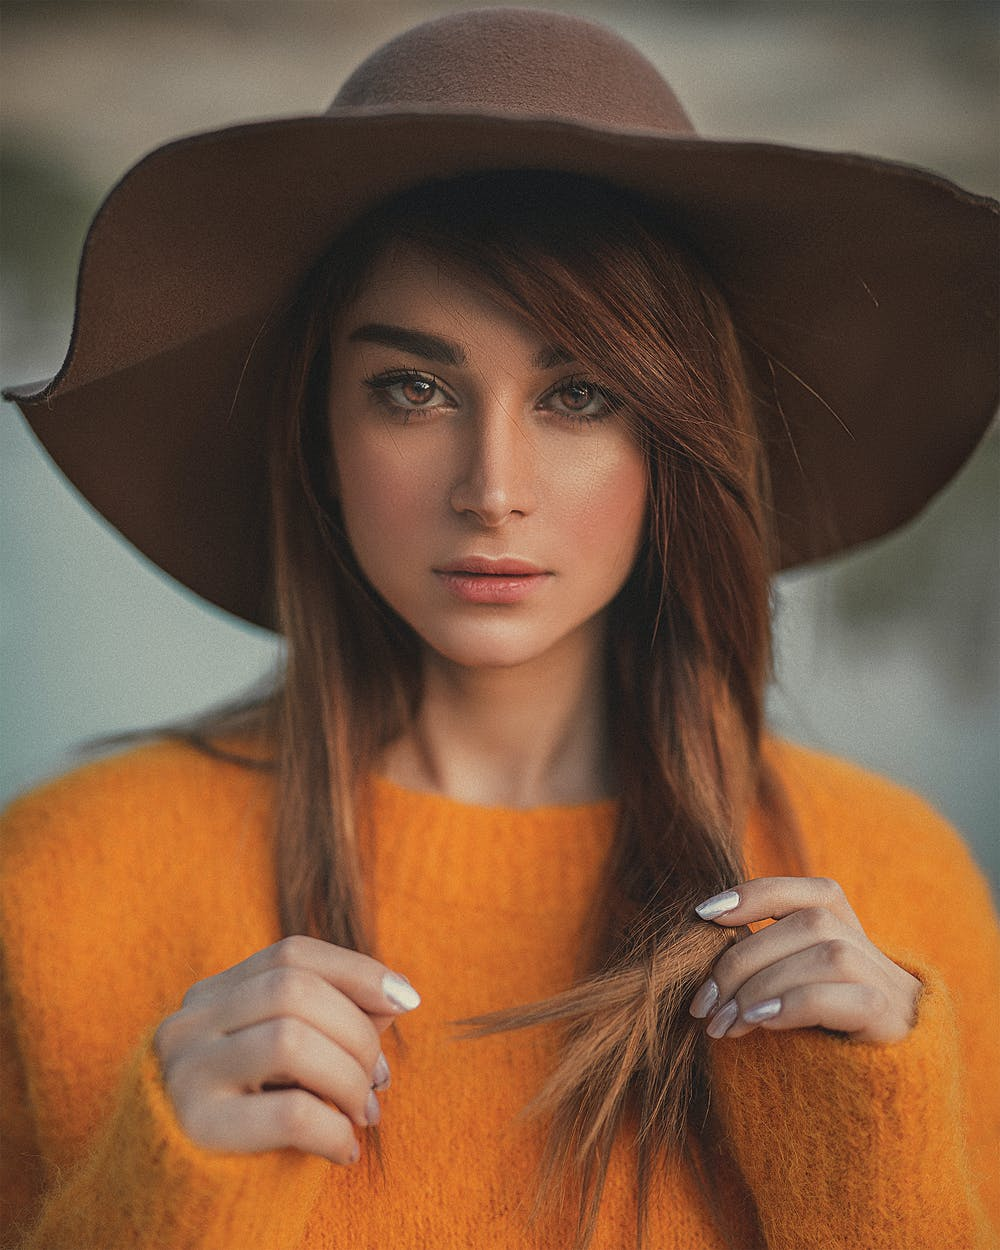 Woman wearing orange sweater | Photo: Pexels